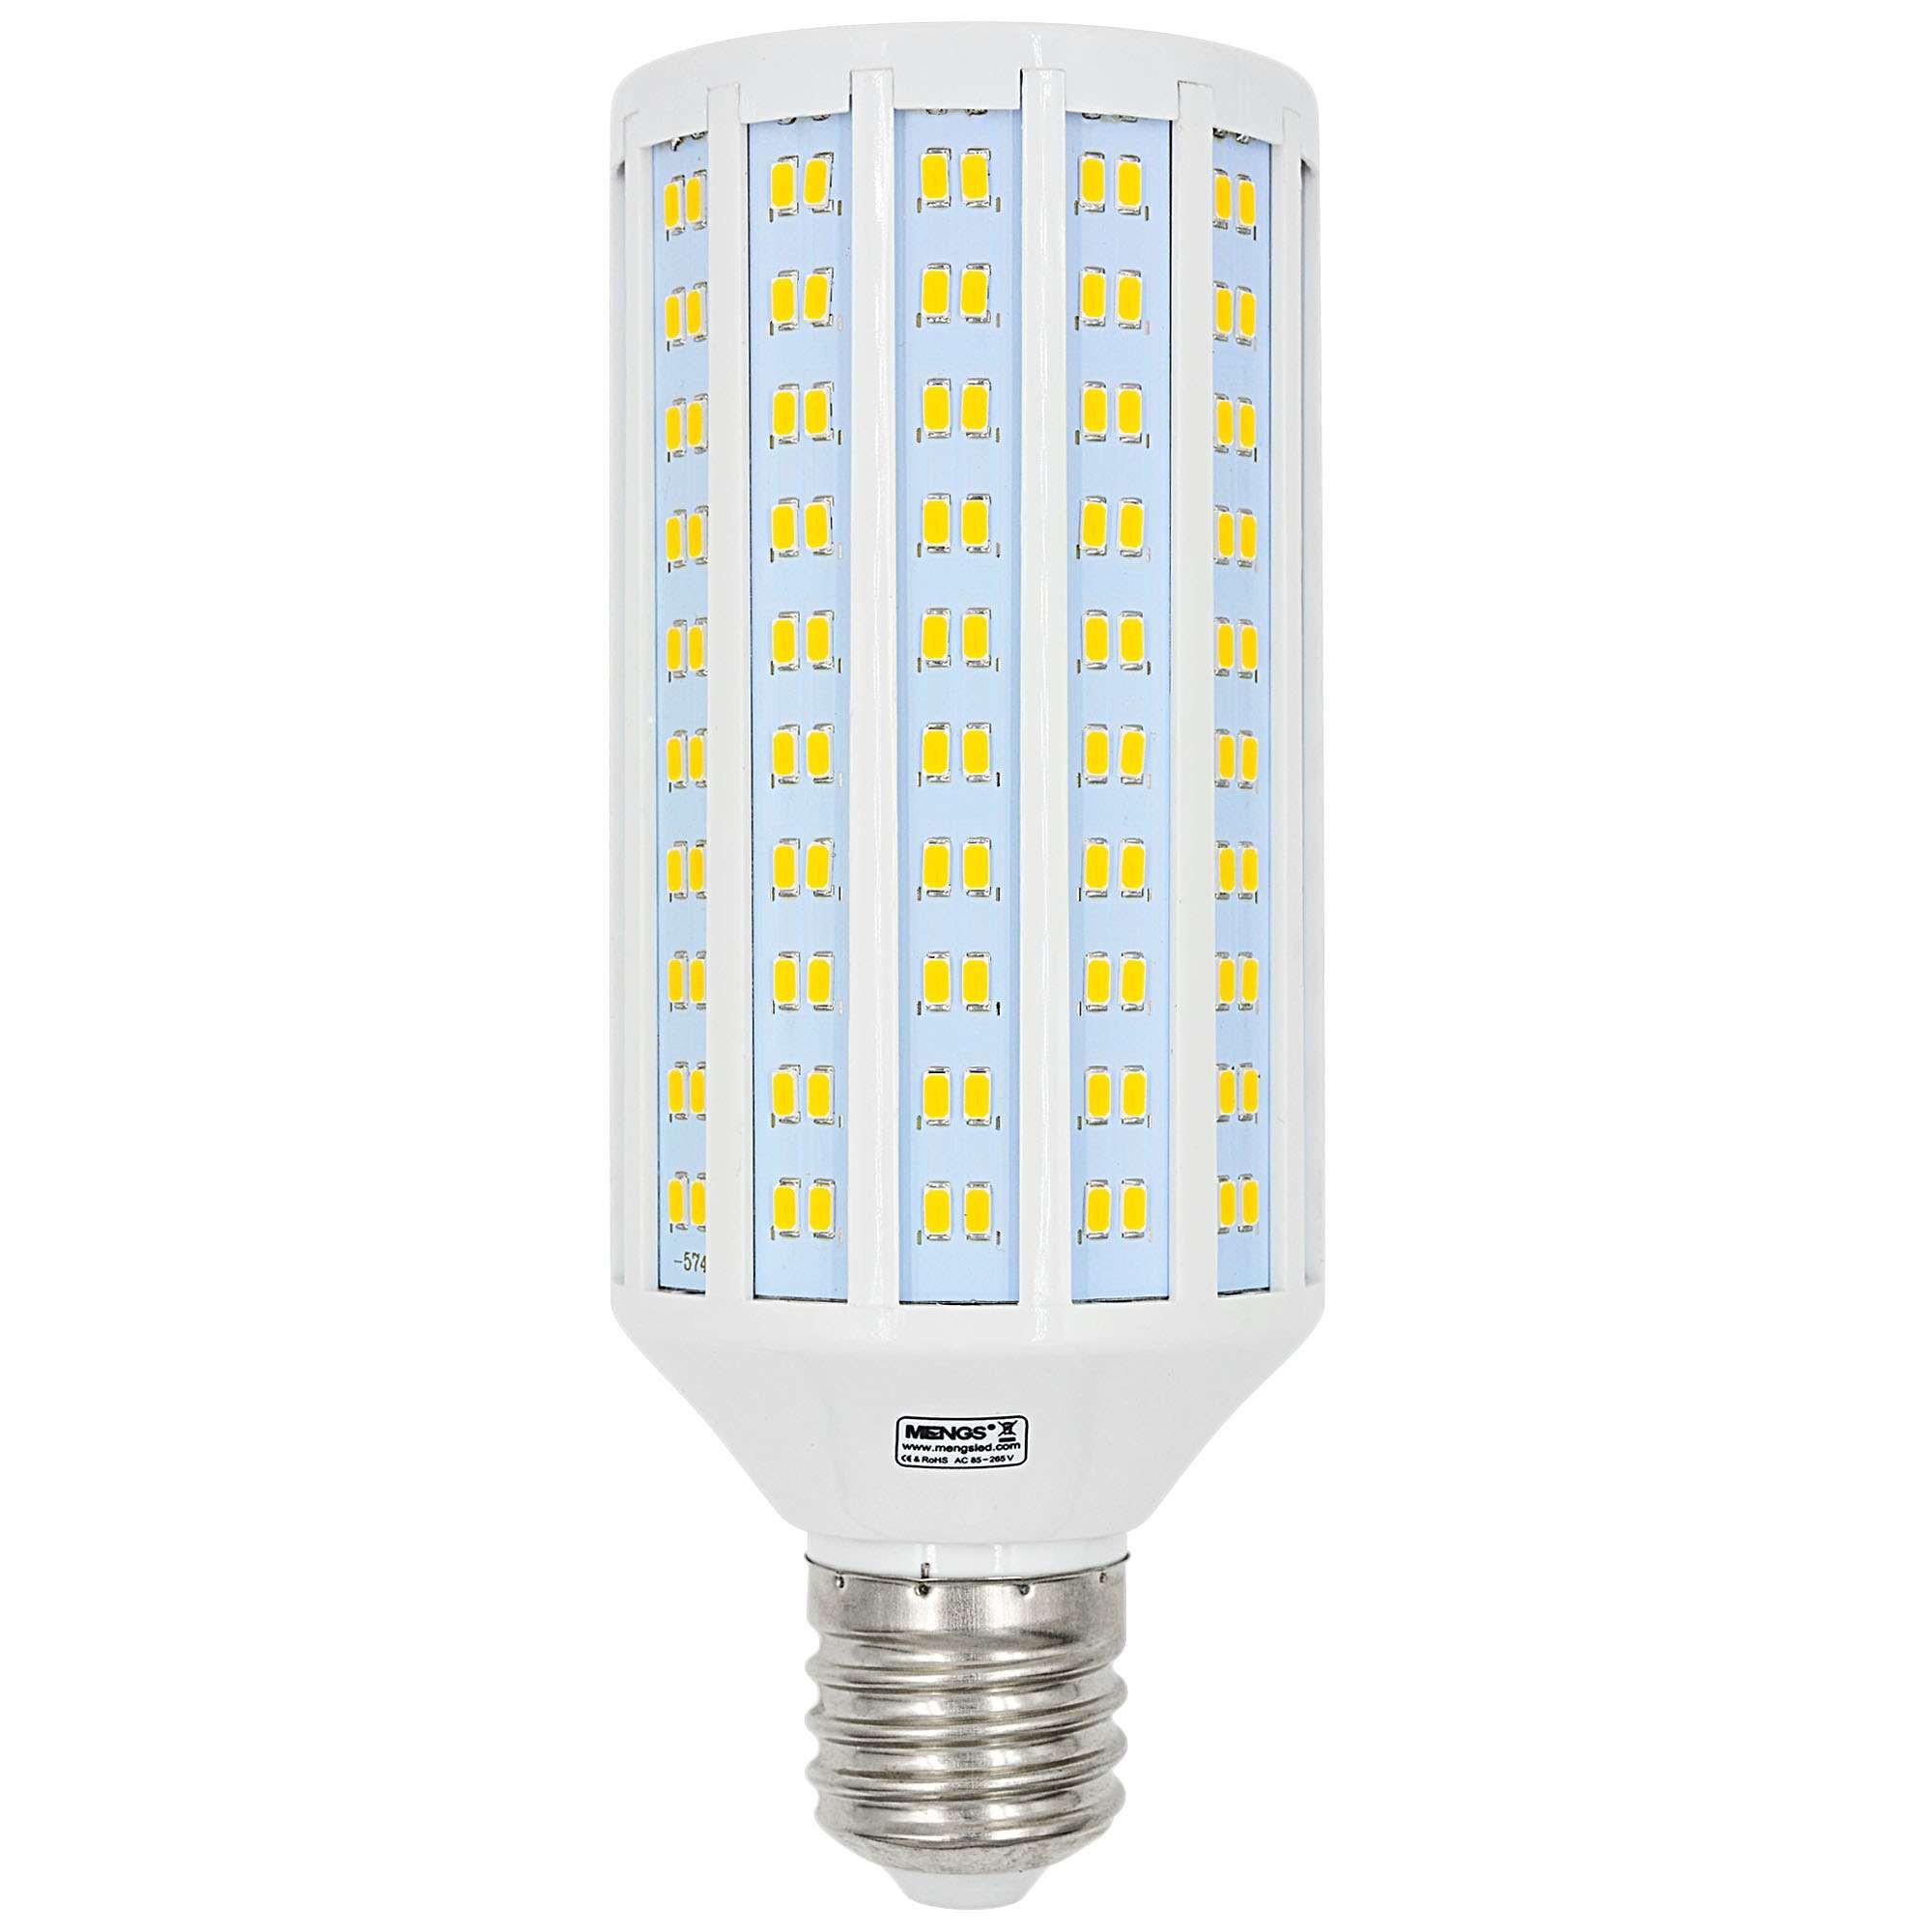 MENGS® E40 50W LED Corn Light 310x 5730 SMD LED Bulb Lamp AC 85-265V In Warm White Energy-Saving Light